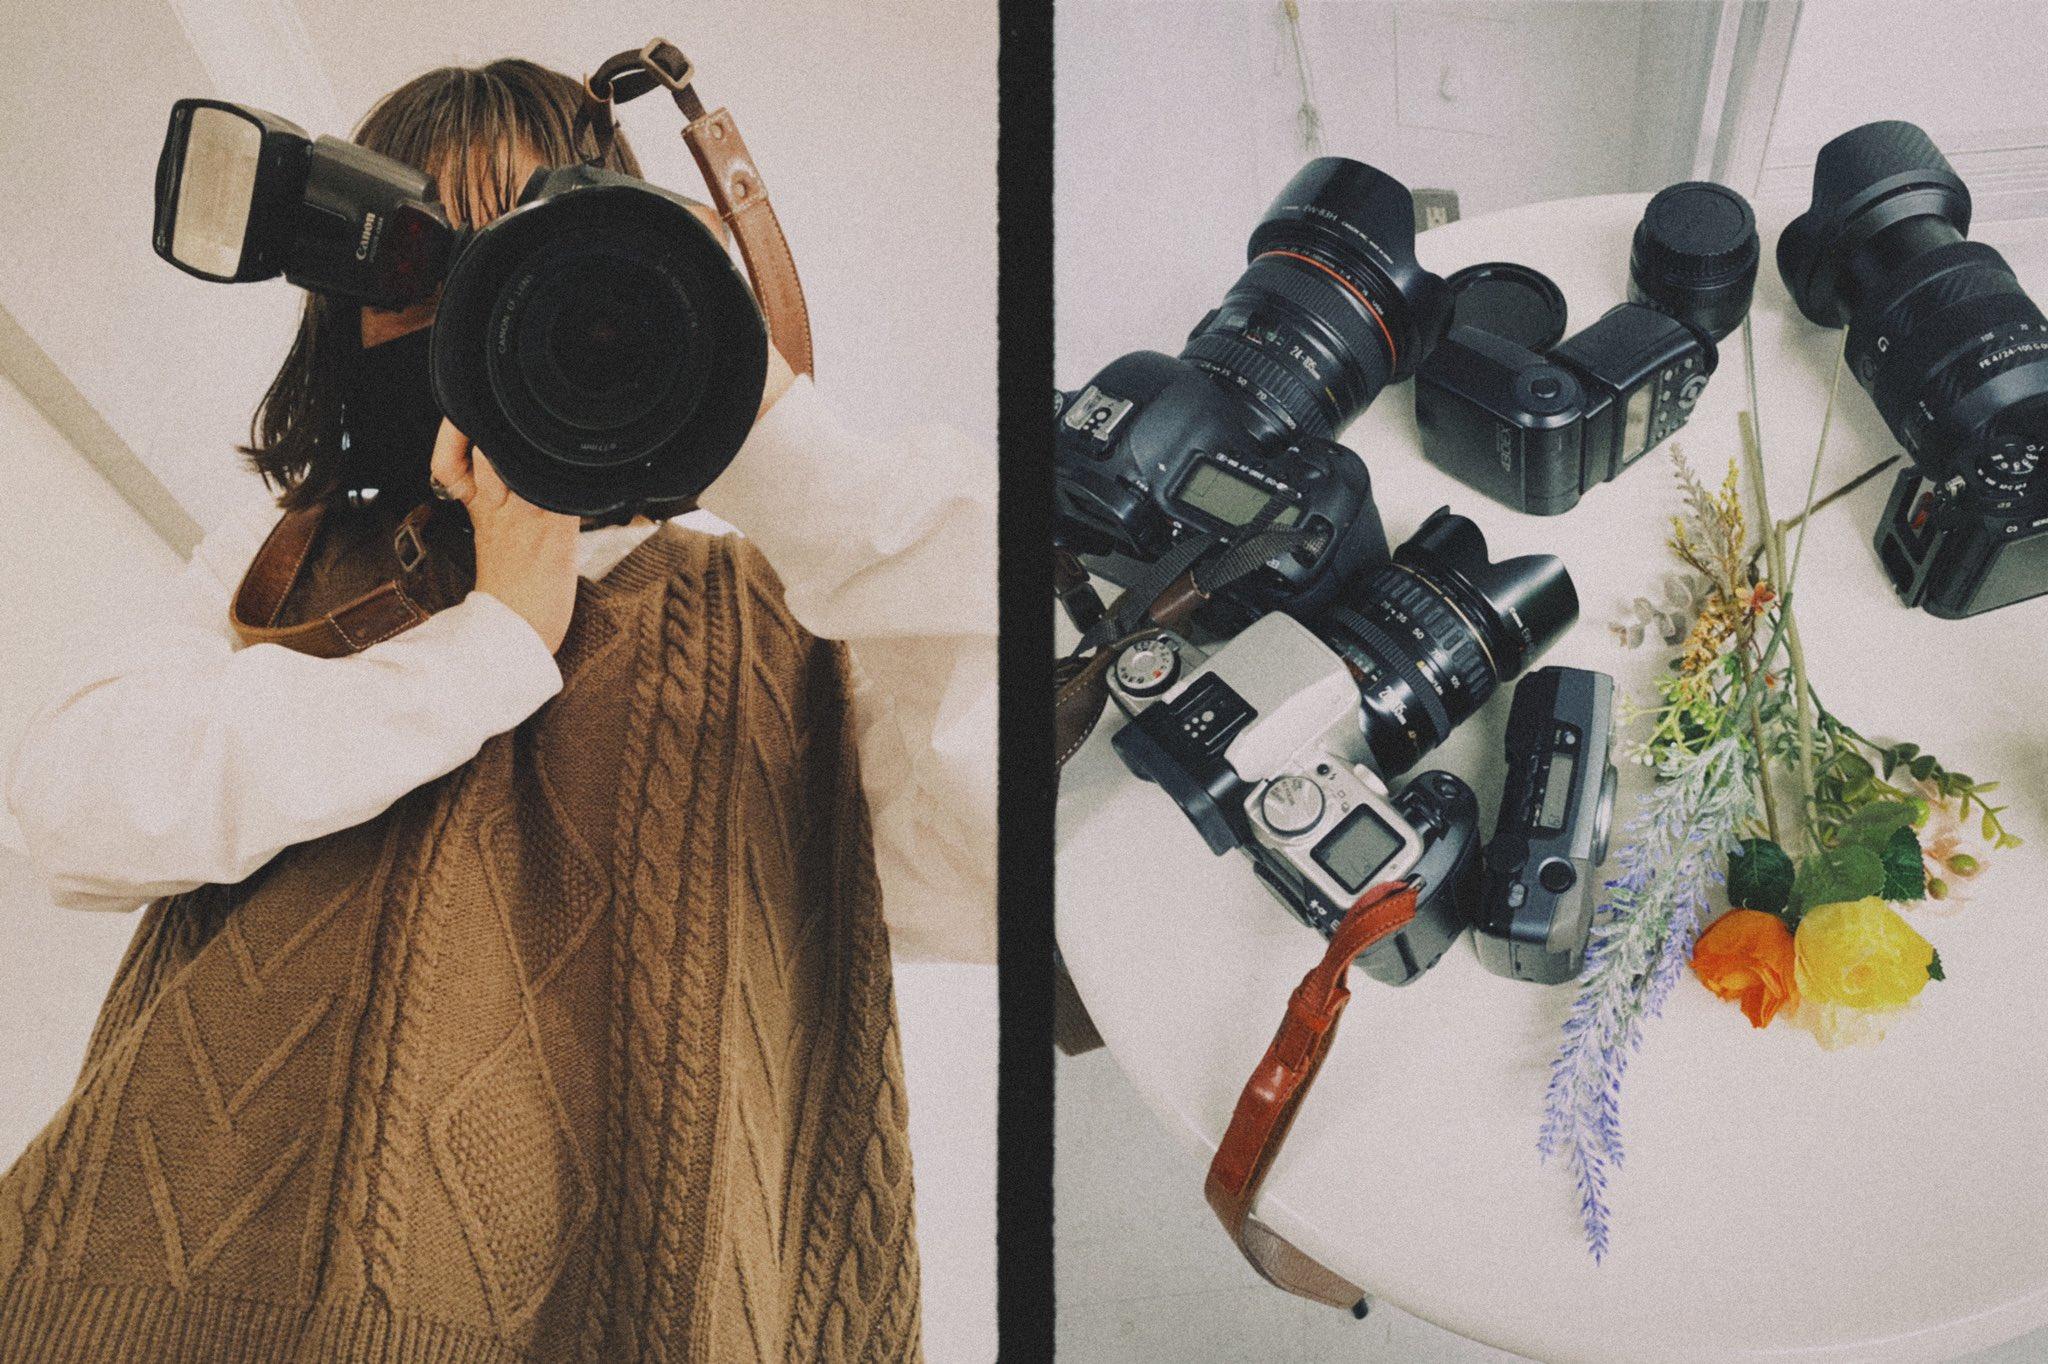 【NMB48】11月12日〜「ゆきつんカメラ in NMB48 ~眩しくすぎた日々、突然君の匂いがした~」写真展が開催決定!